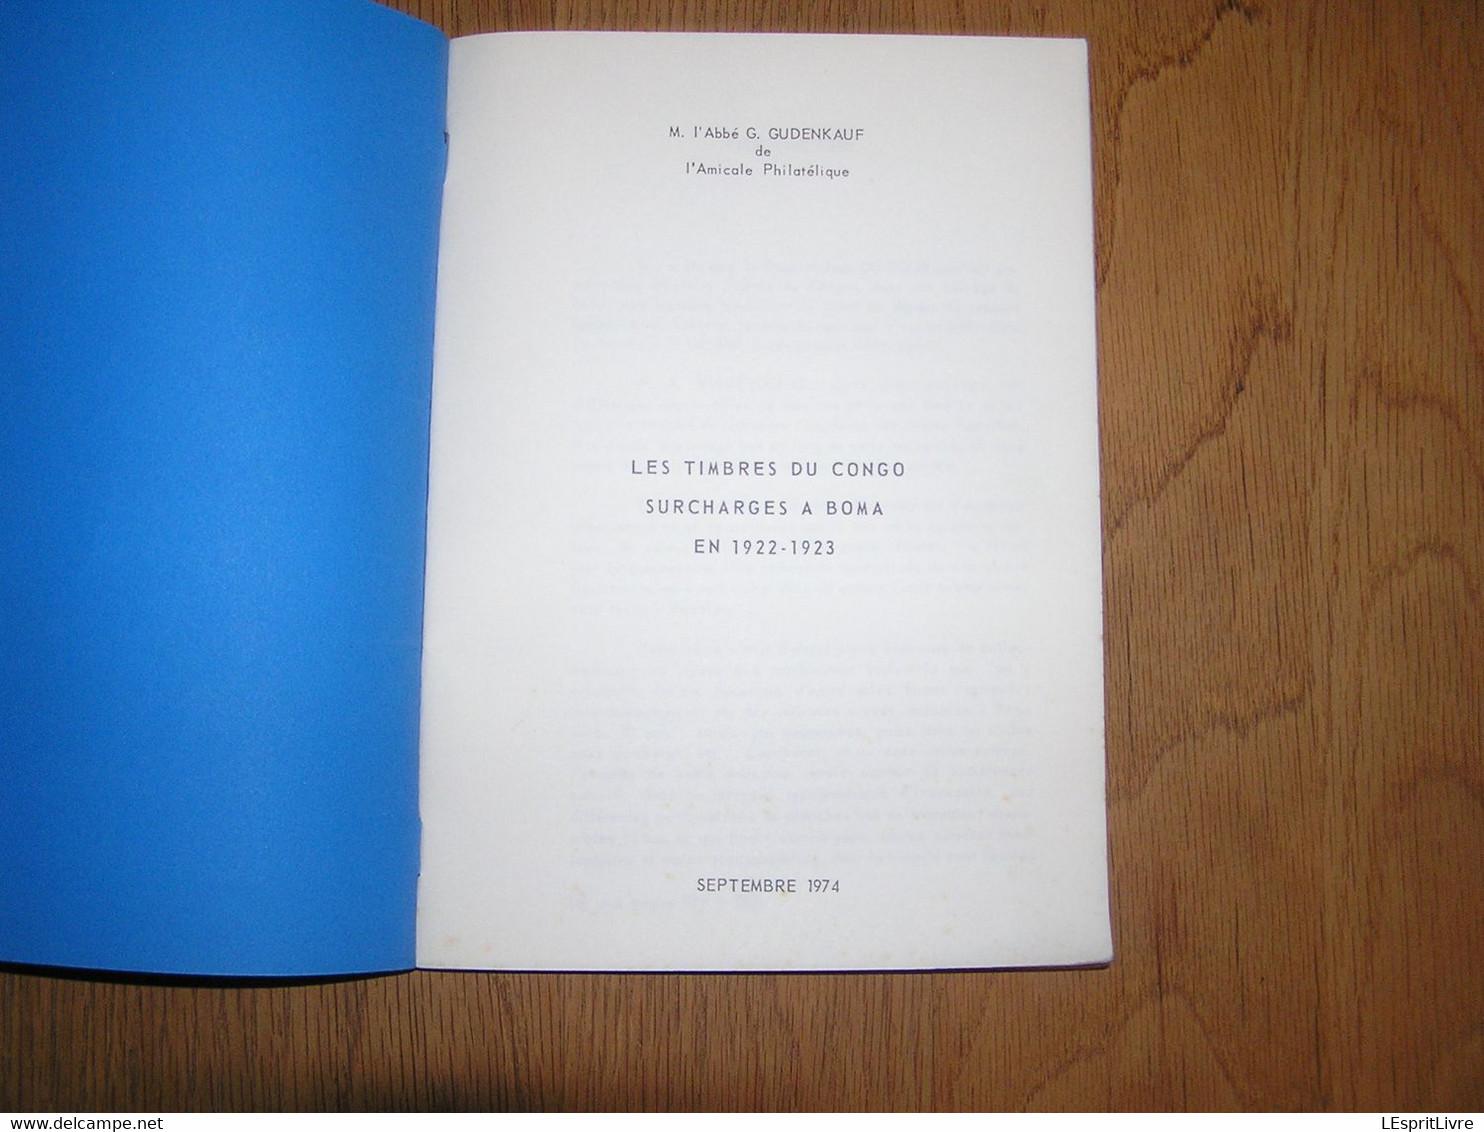 LES TIMBRES DU CONGO SURCHARGES à BOMA EN 1922 1923 Marcophilie Philatélie Marques Postales Cachets Afrique Belgique - Bélgica